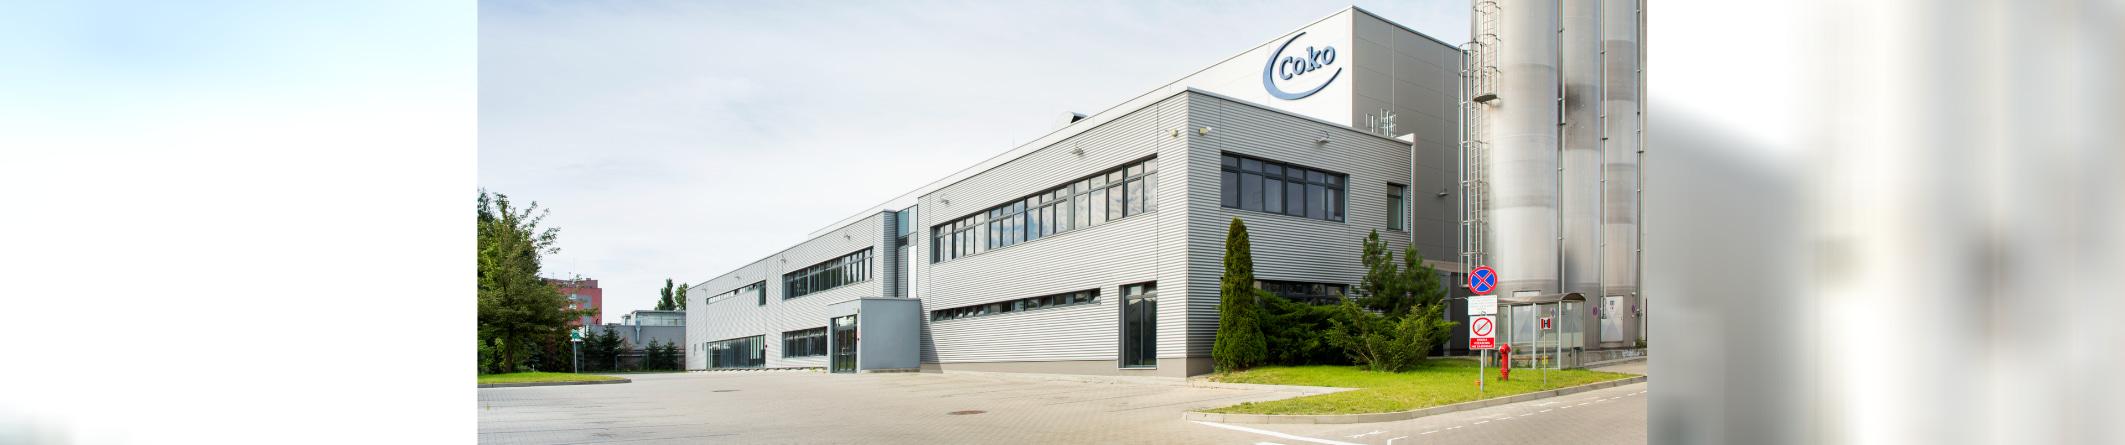 Coko-Werk Polska